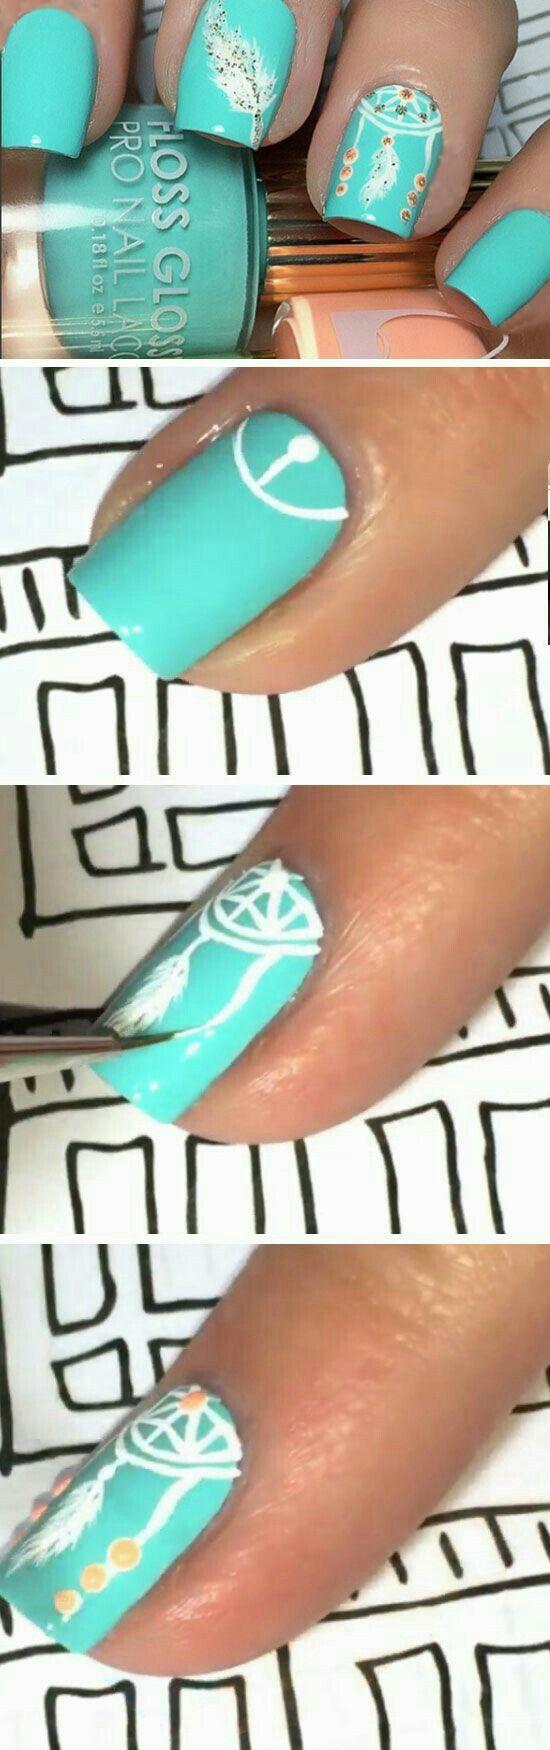 13 besten Nails art Bilder auf Pinterest | Nagelkunst, Nagelkunst ...